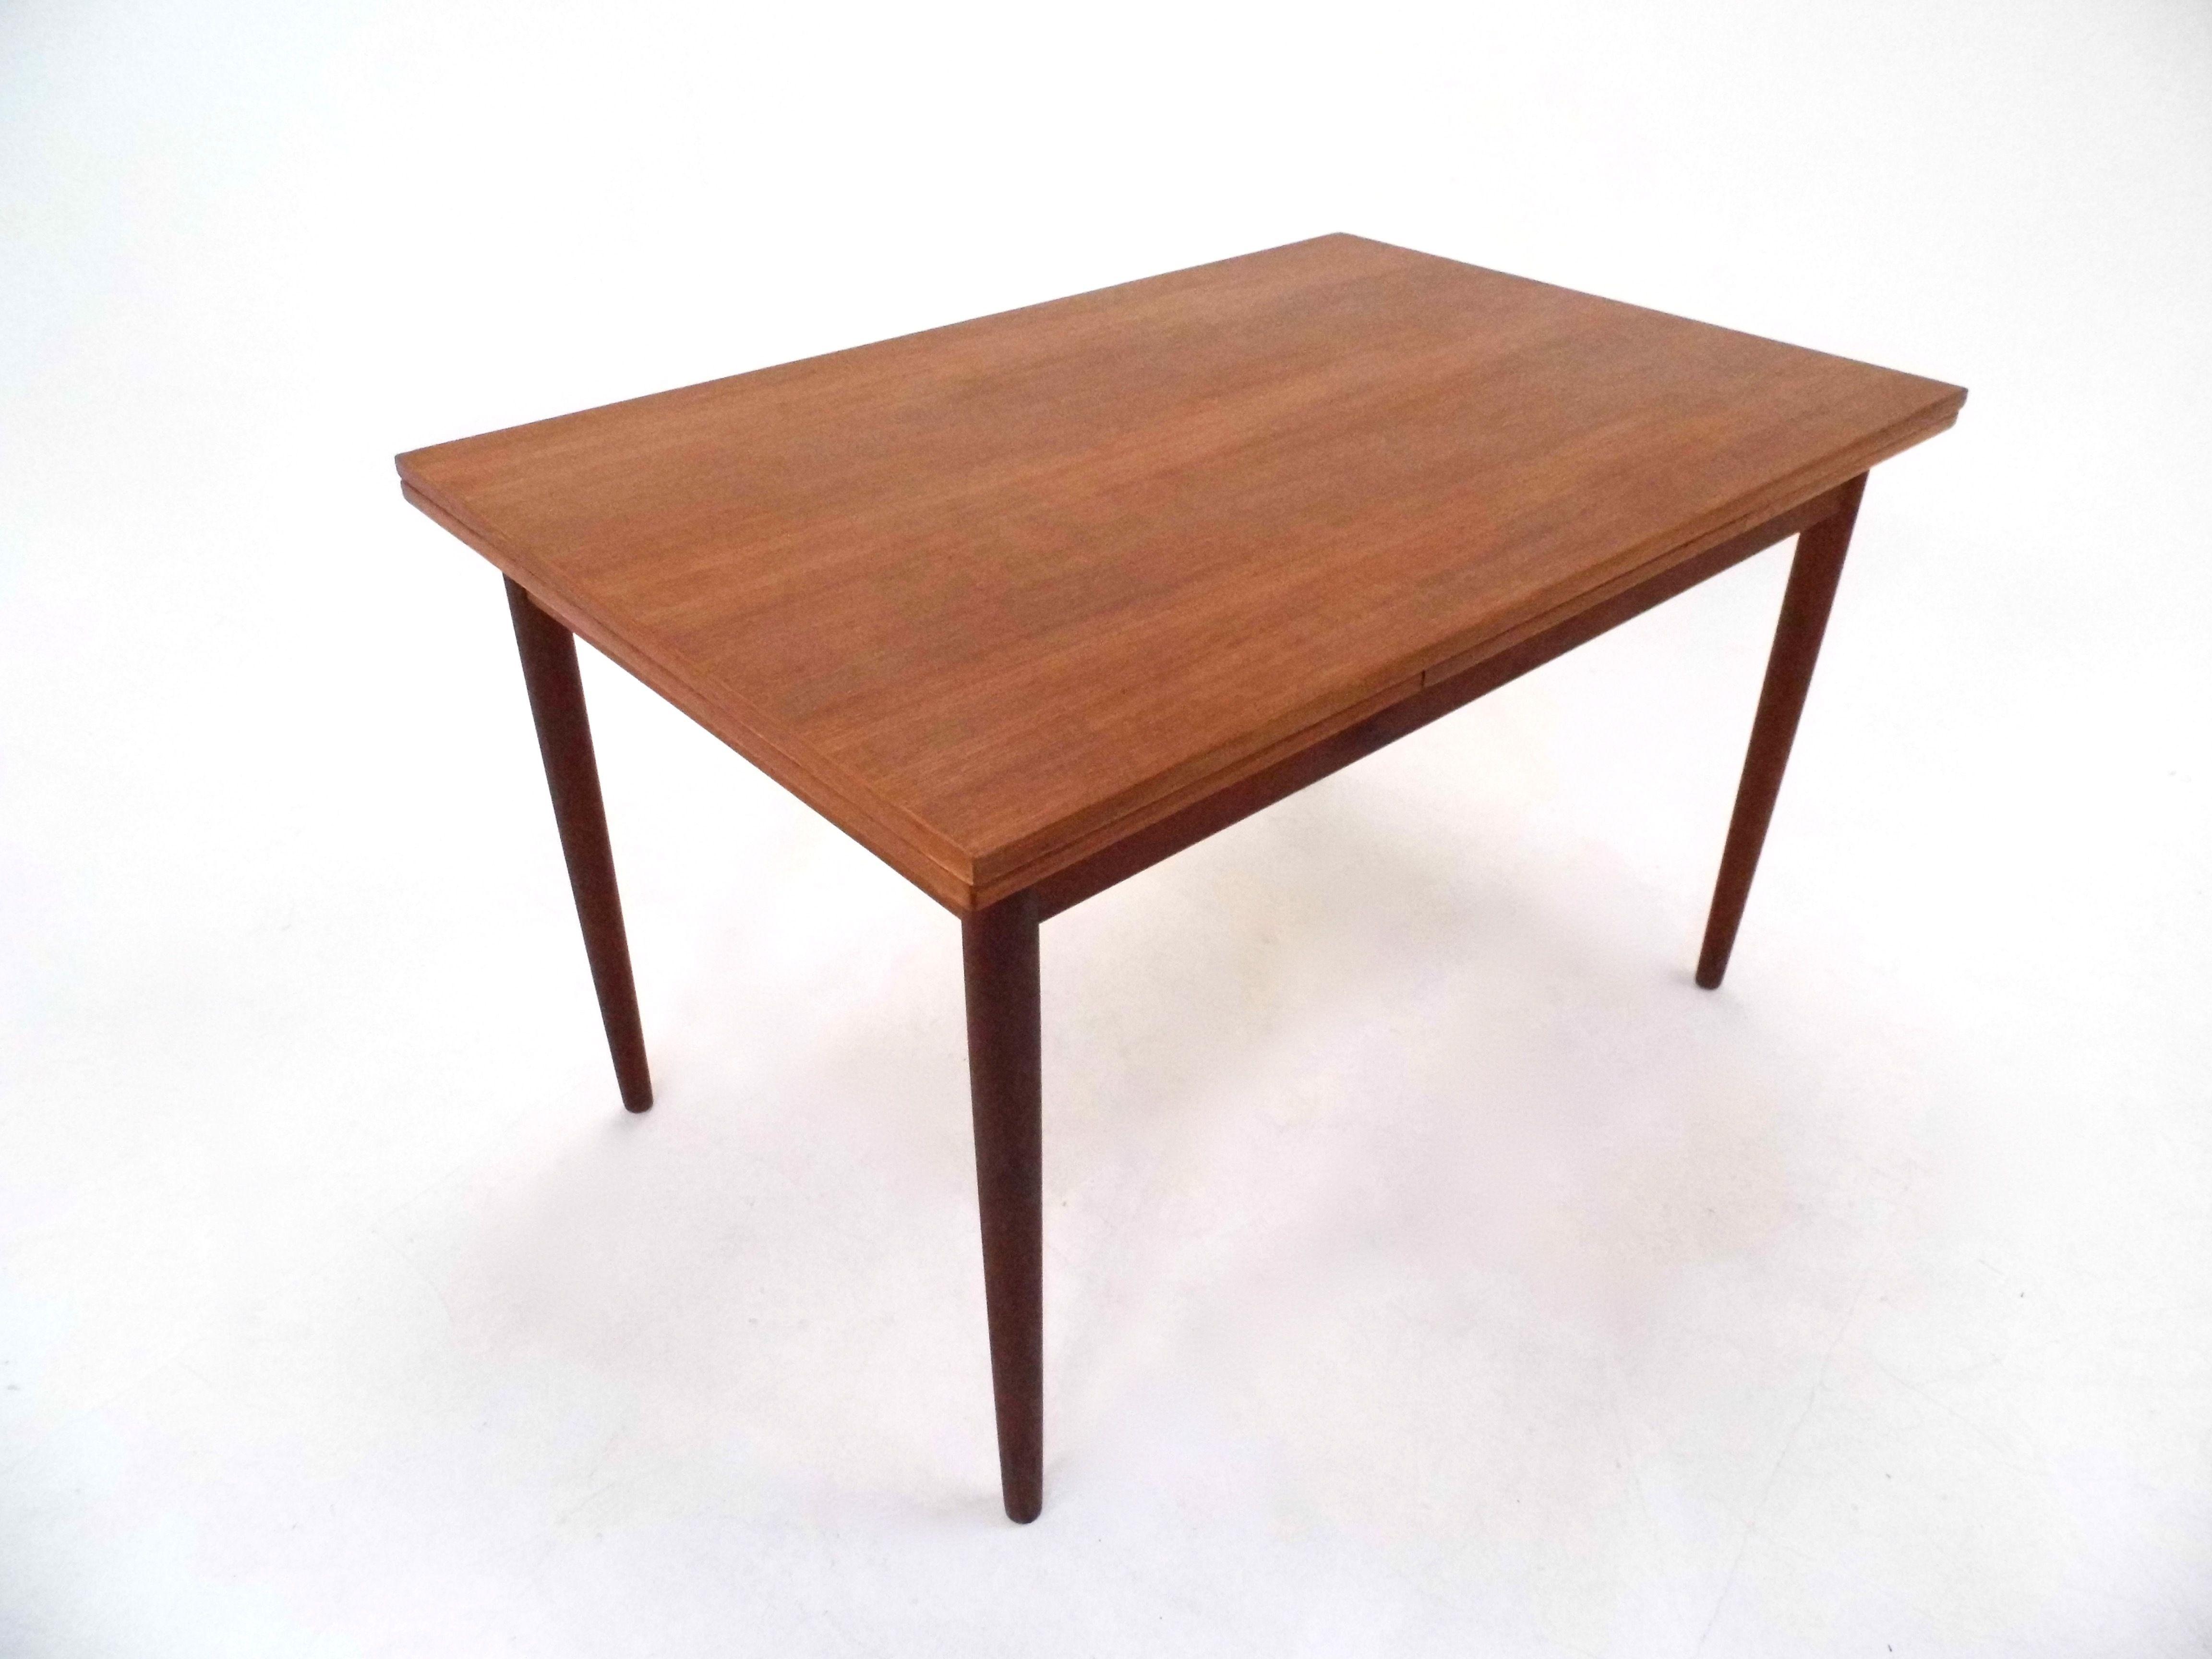 Danish Teak Extending Dining Table Midcentury 1960s Extendable